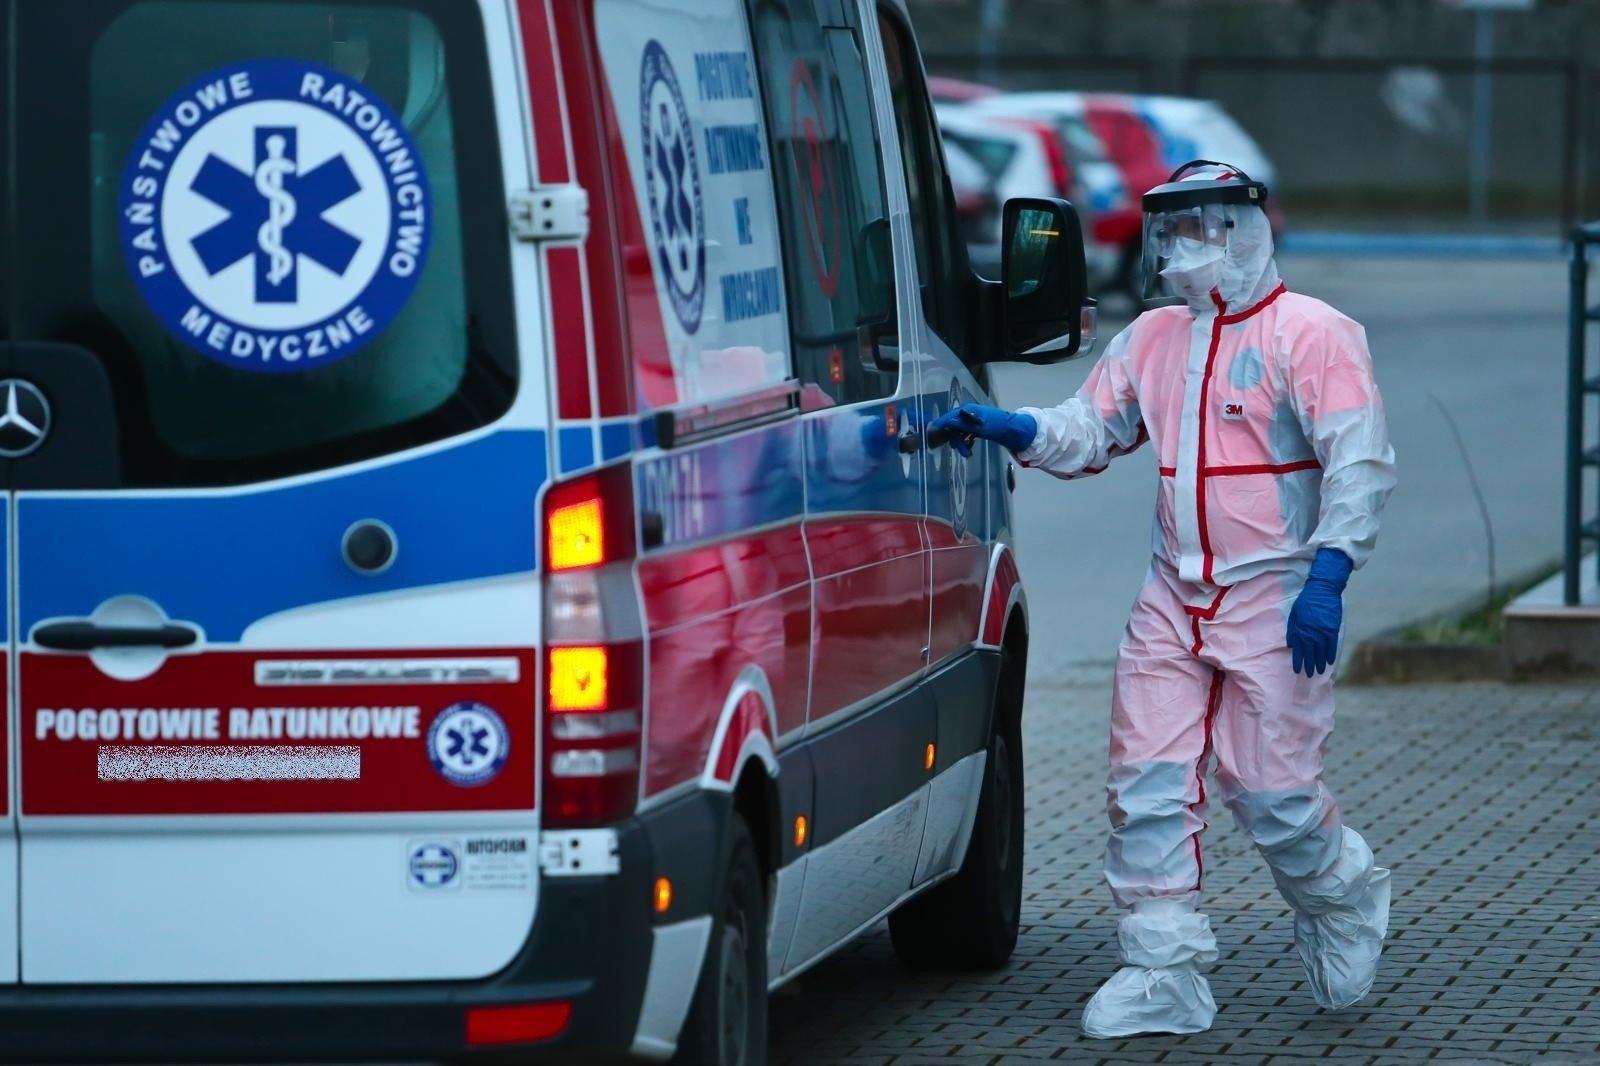 Nowe zakażenia koronawirusem w powiecie kutnowskim - Zdjęcie główne